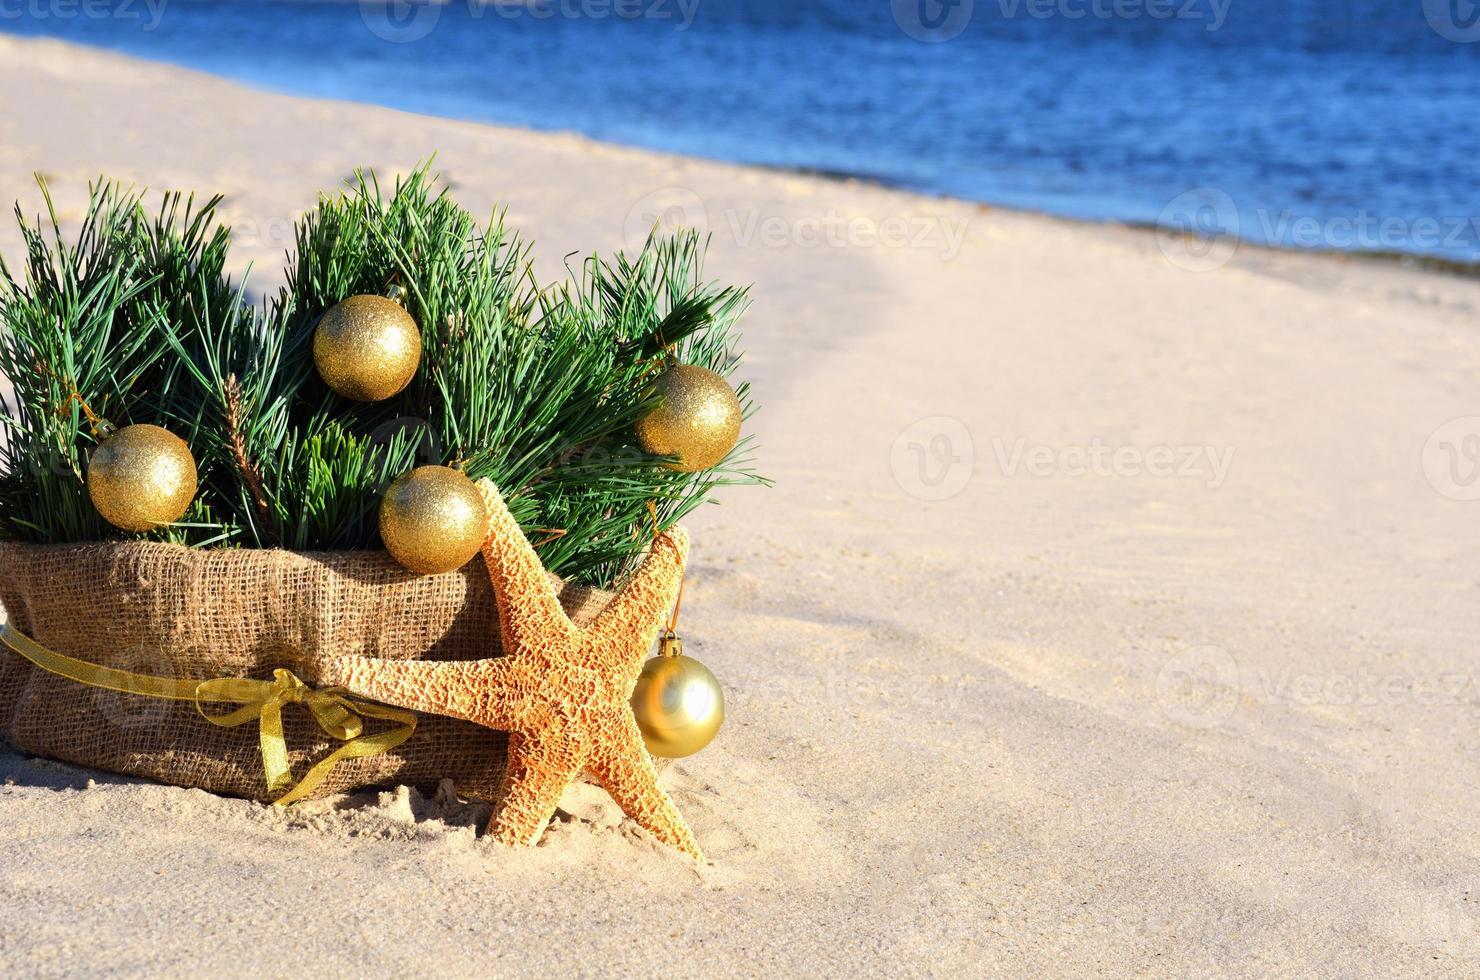 albero di natale con palle di natale dorate, stelle marine sulla sabbia, spiaggia foto